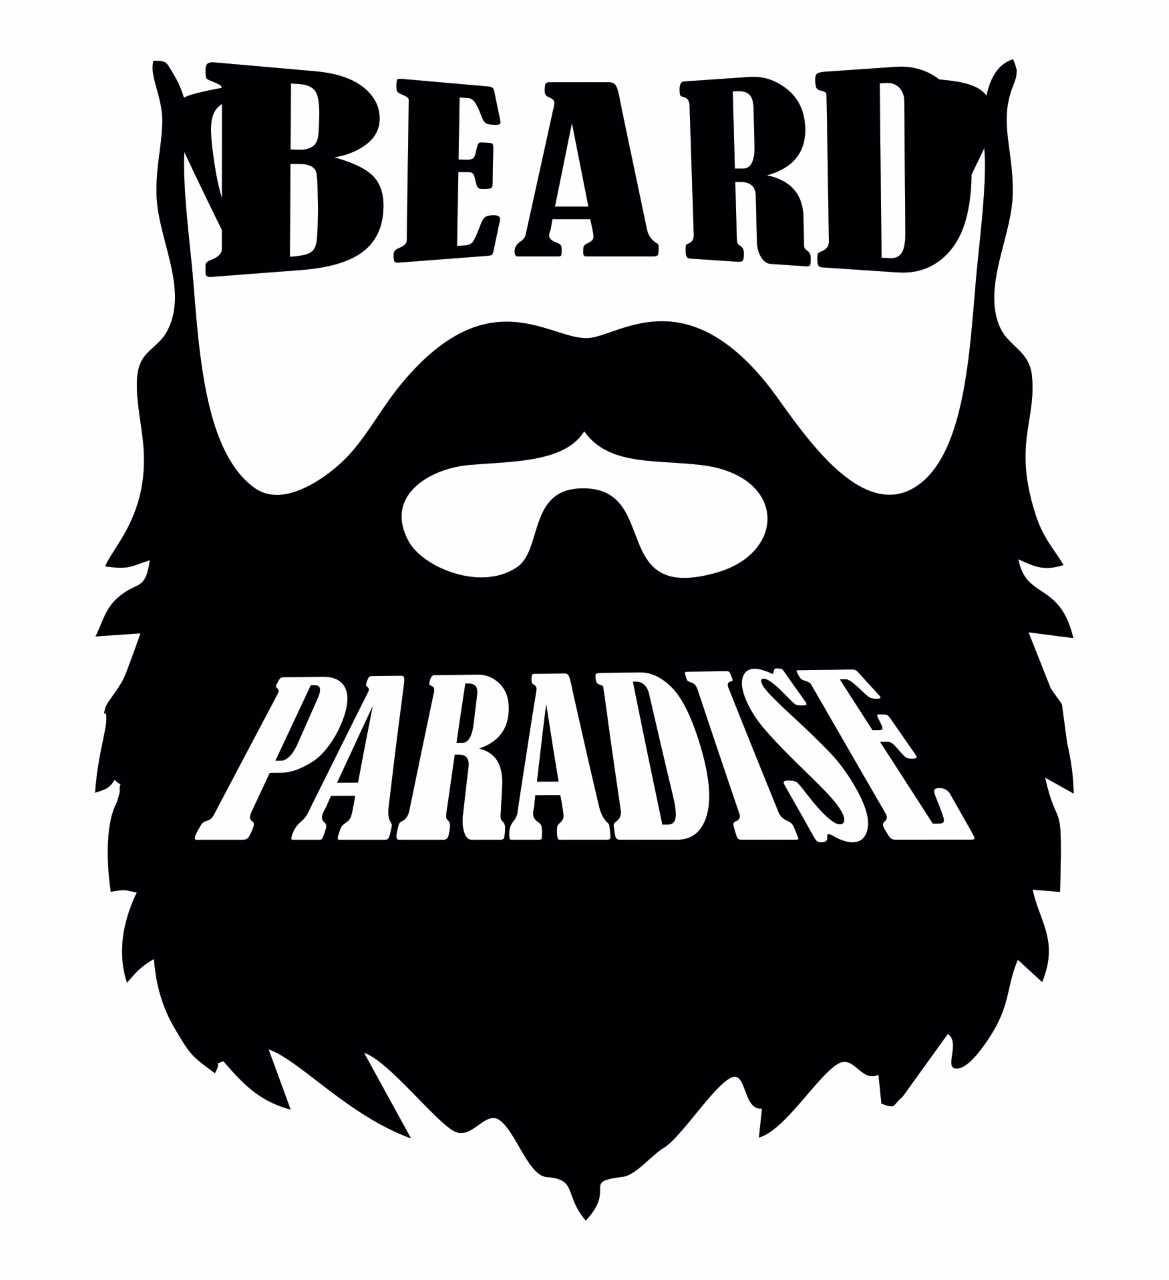 Beard Paradise Logos